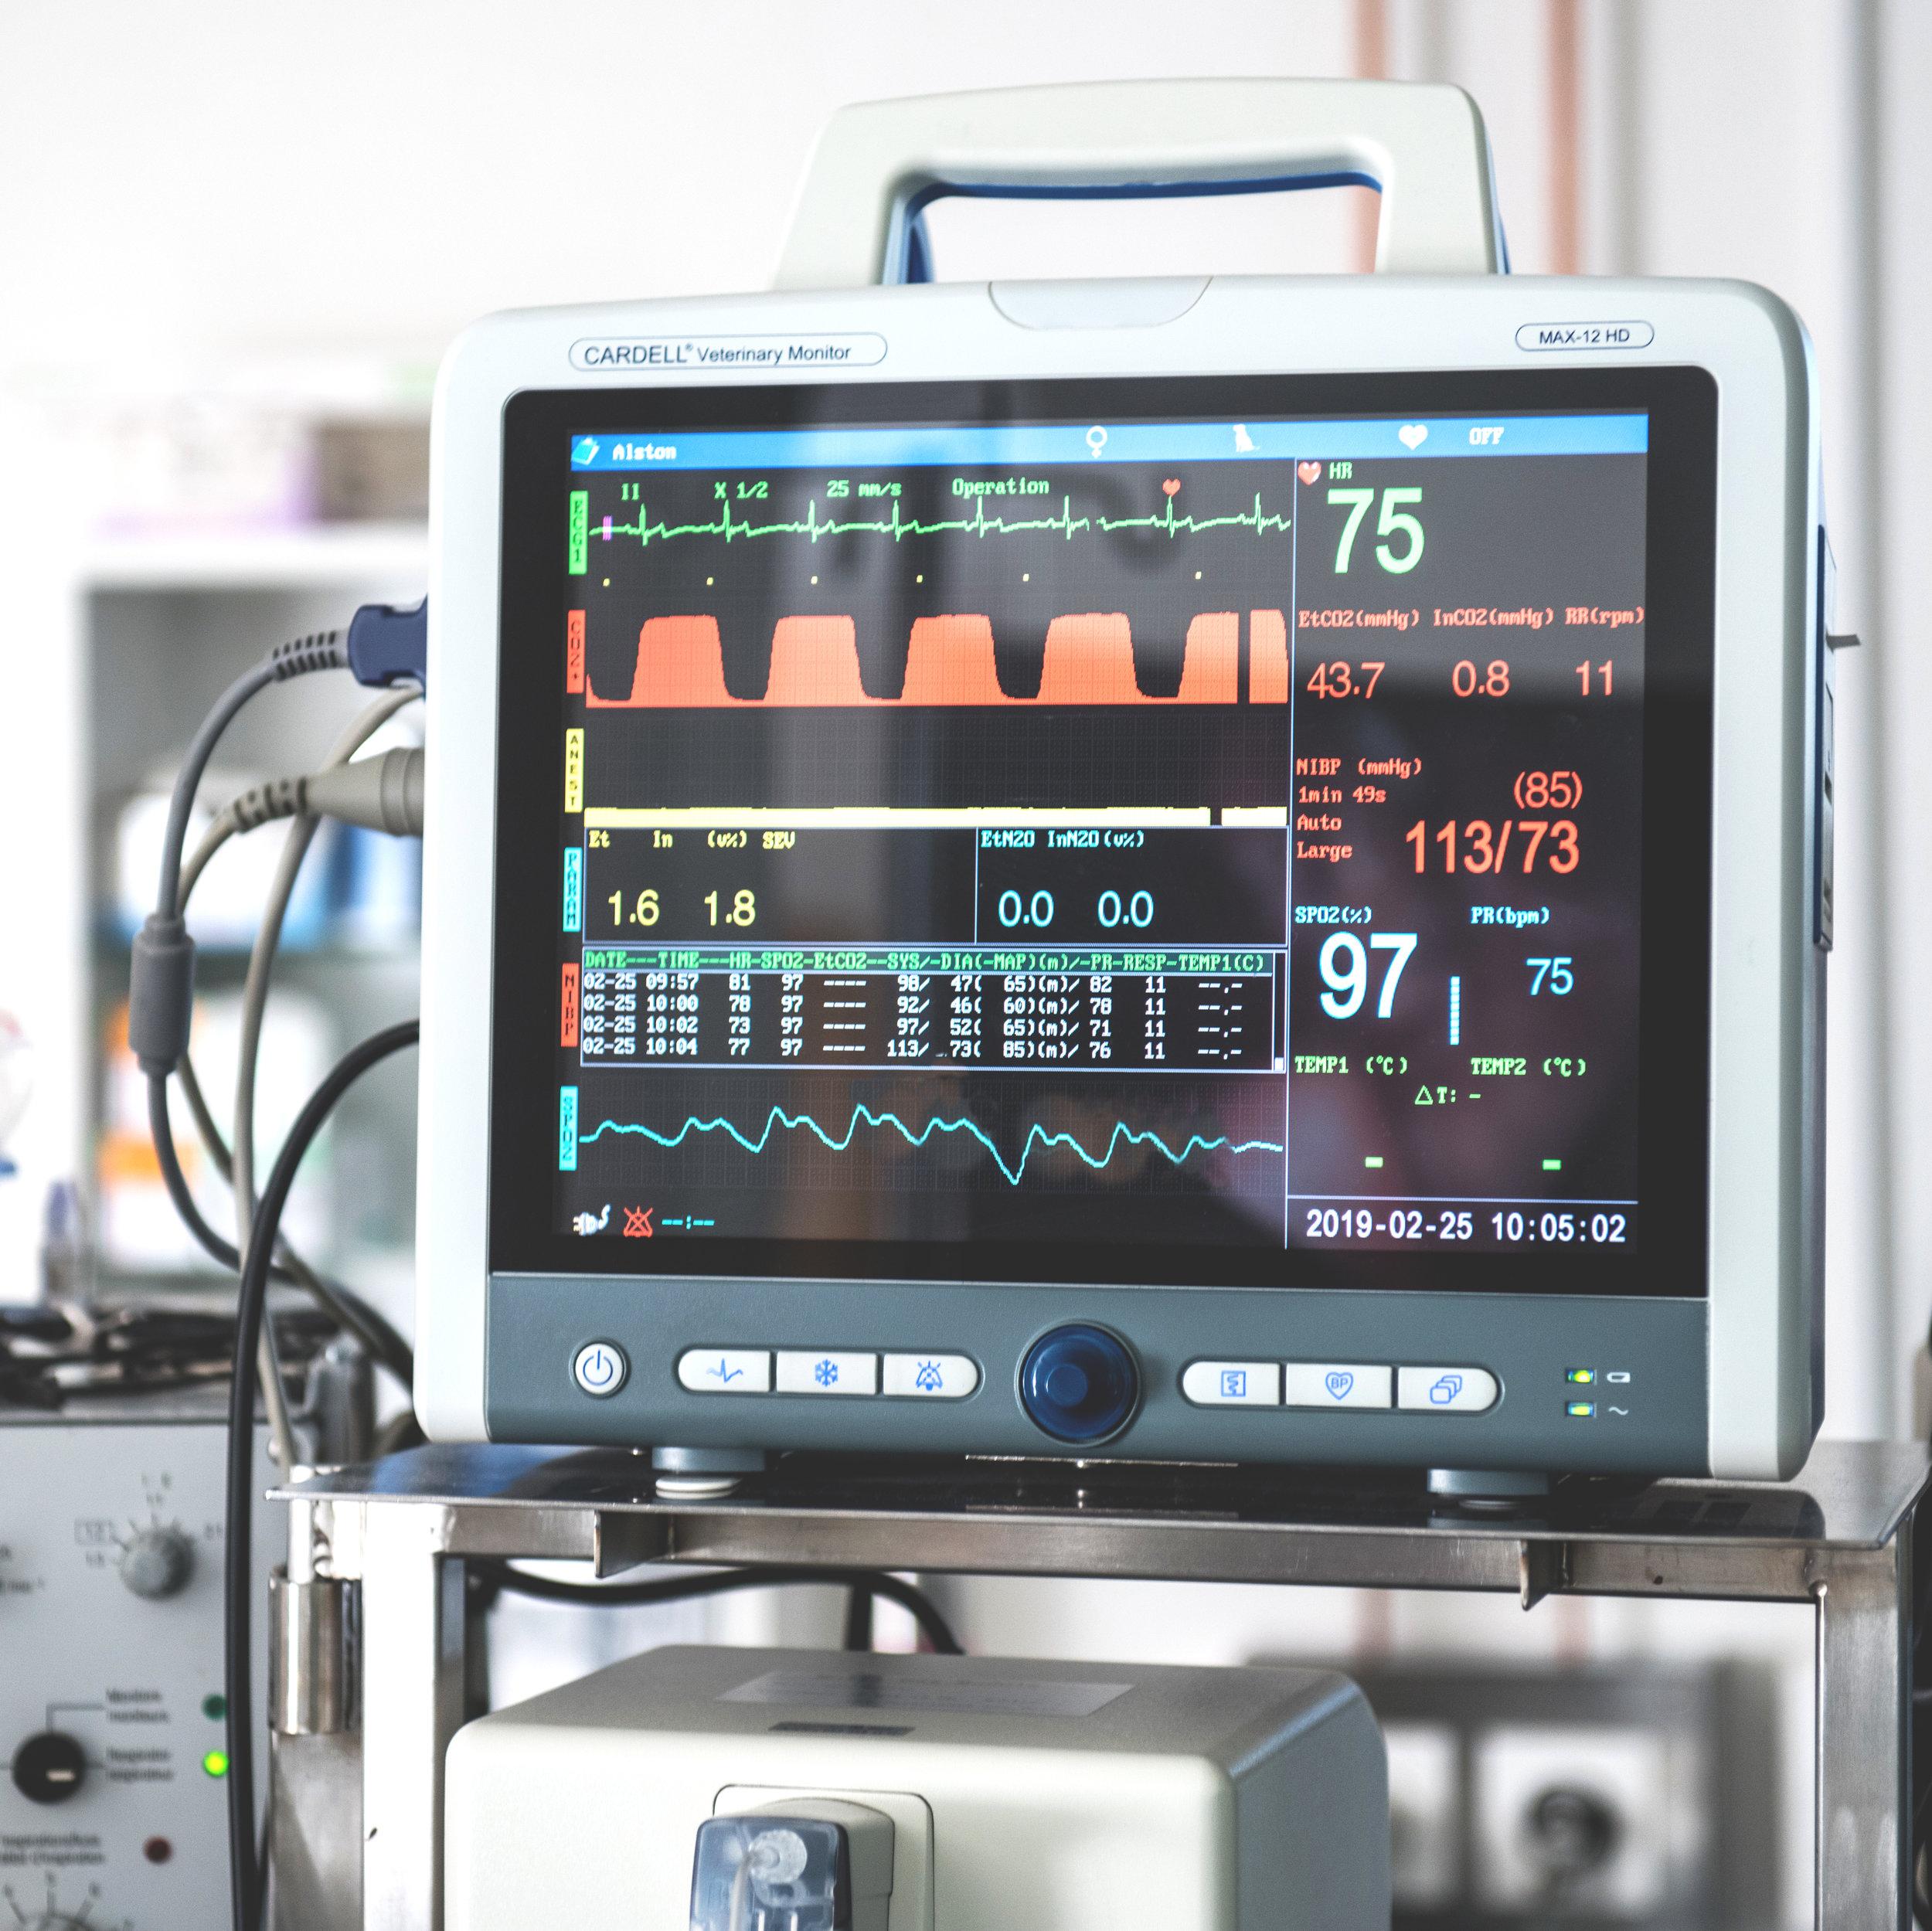 Kardiologie - Die Kardiologie beschäftigt sich mit Herzerkrankungen bei Hund und Katze. Häufig werden Tiere mit angestrengter Atmung, Schwäche oder Husten vorgestellt. Durch eine kardiologische Abklärung mittels Herzultraschall, EKG und Blutdruckmessung kann eine Diagnose gestellt und die Krankheit behandelt werden.